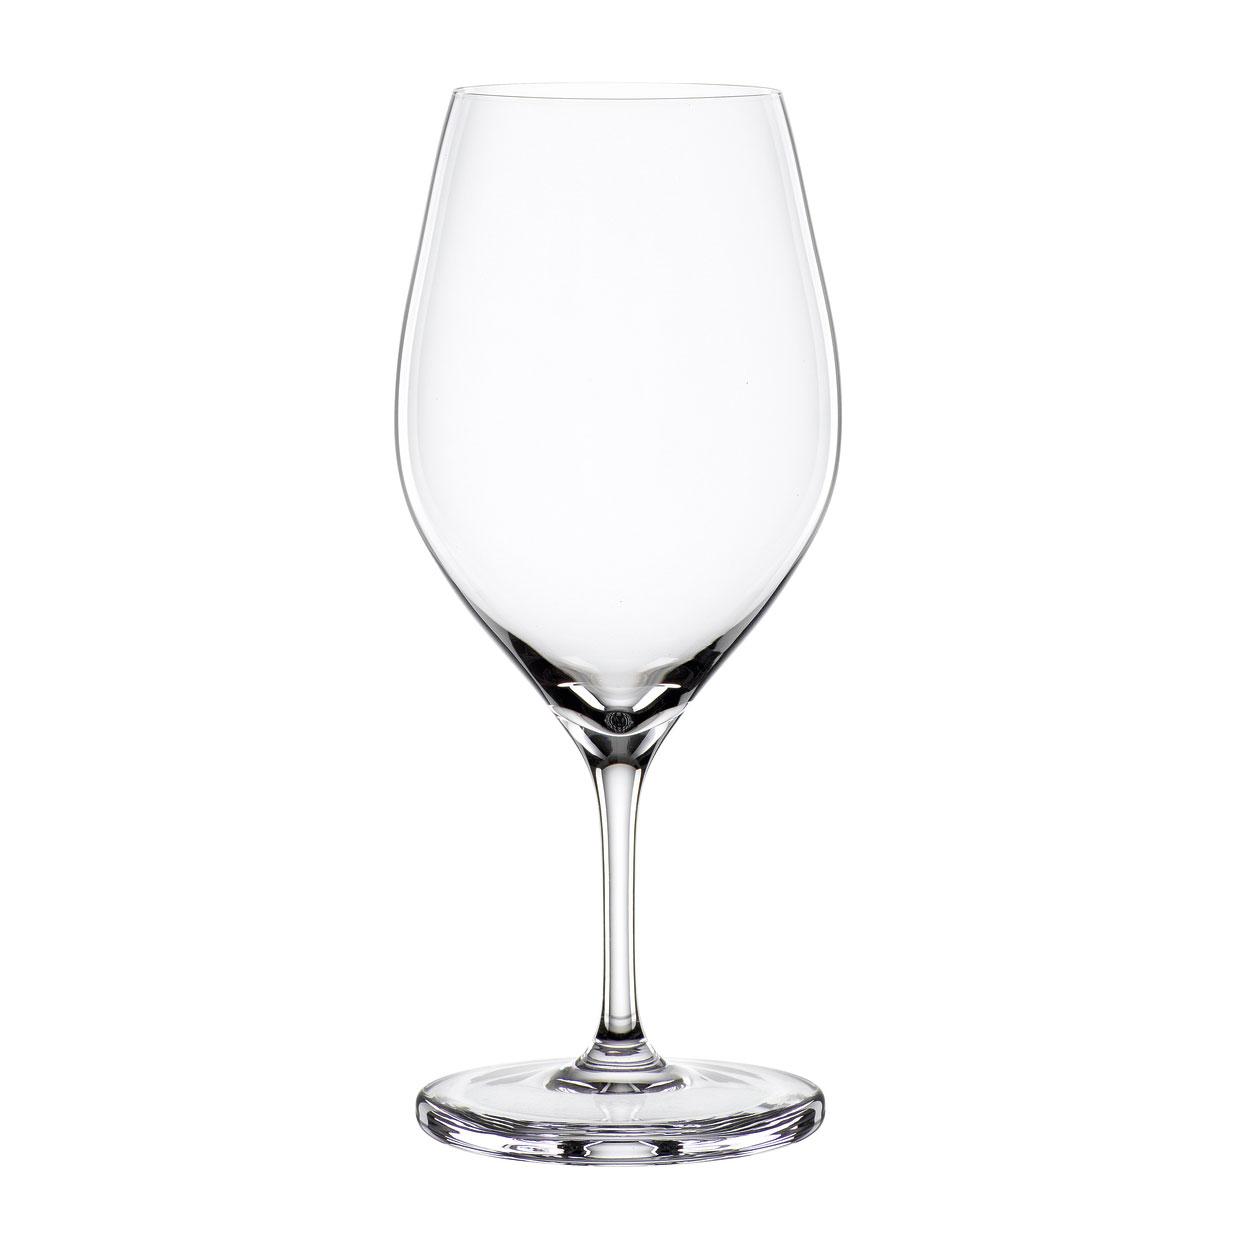 Libbey Glass 4208035 glass, wine